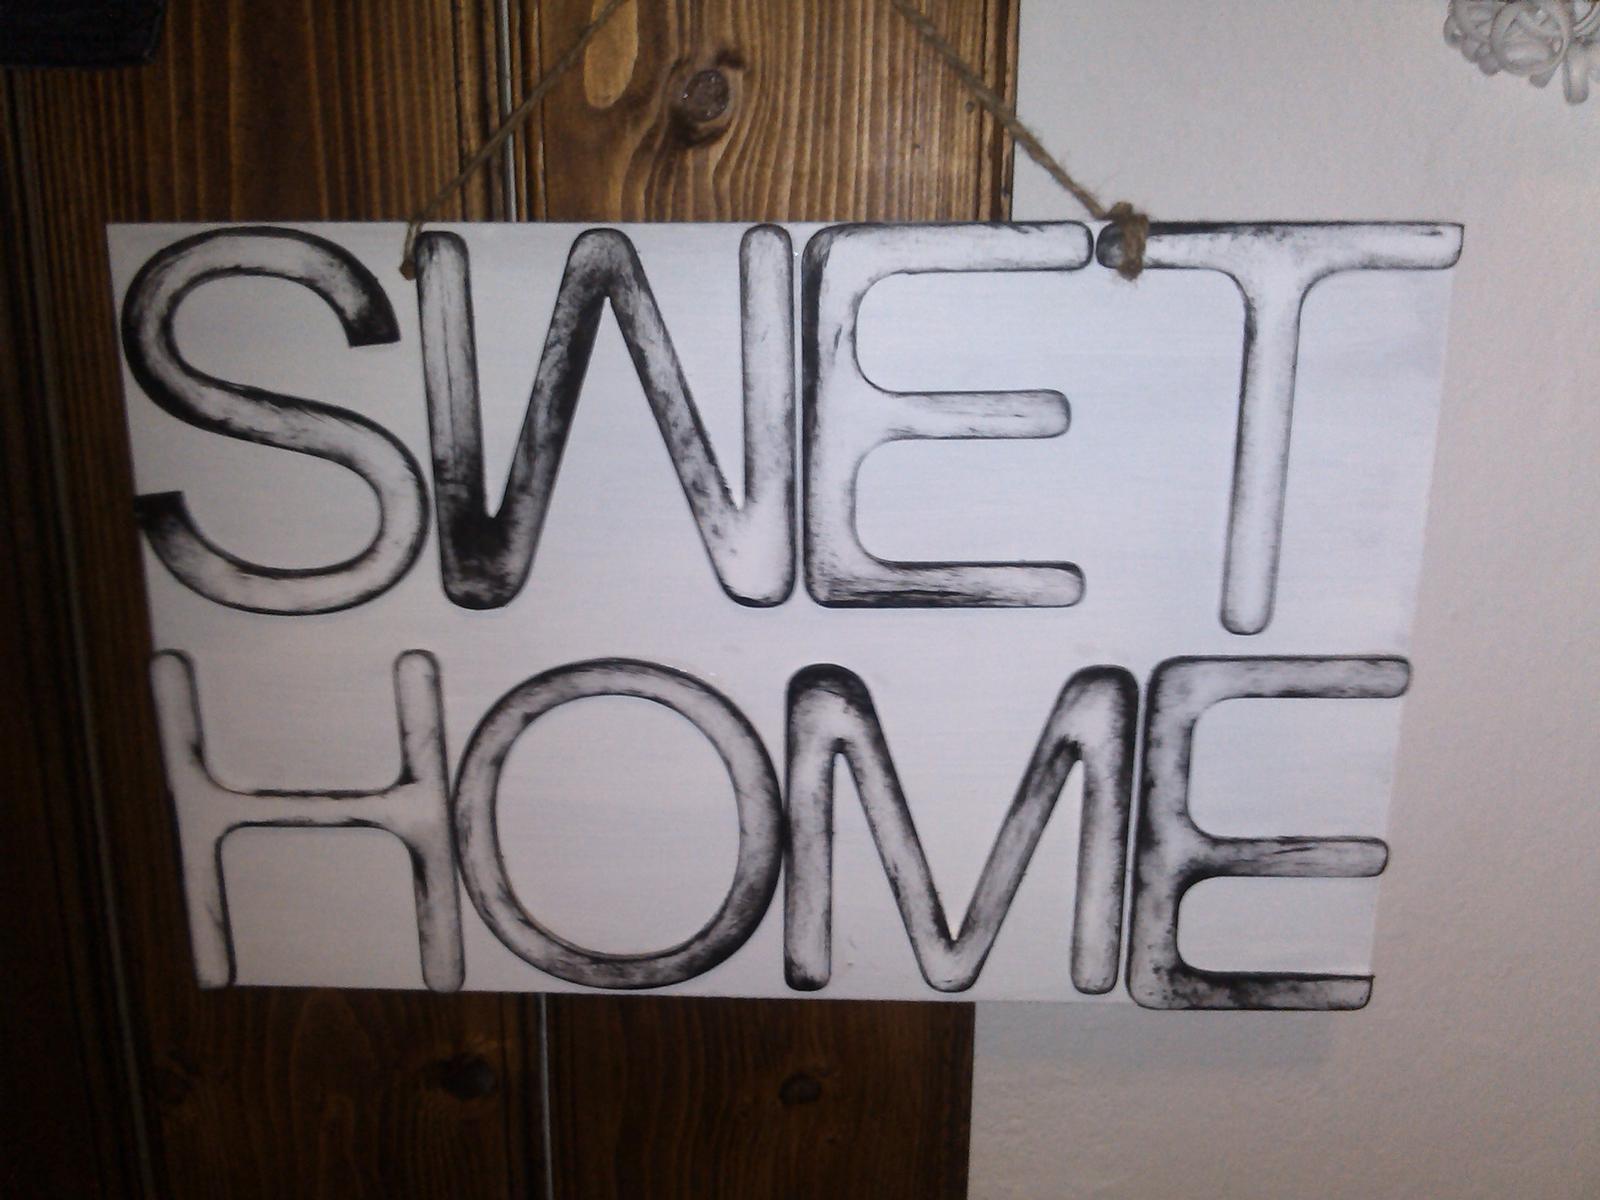 tabula sweet home  - Obrázok č. 1